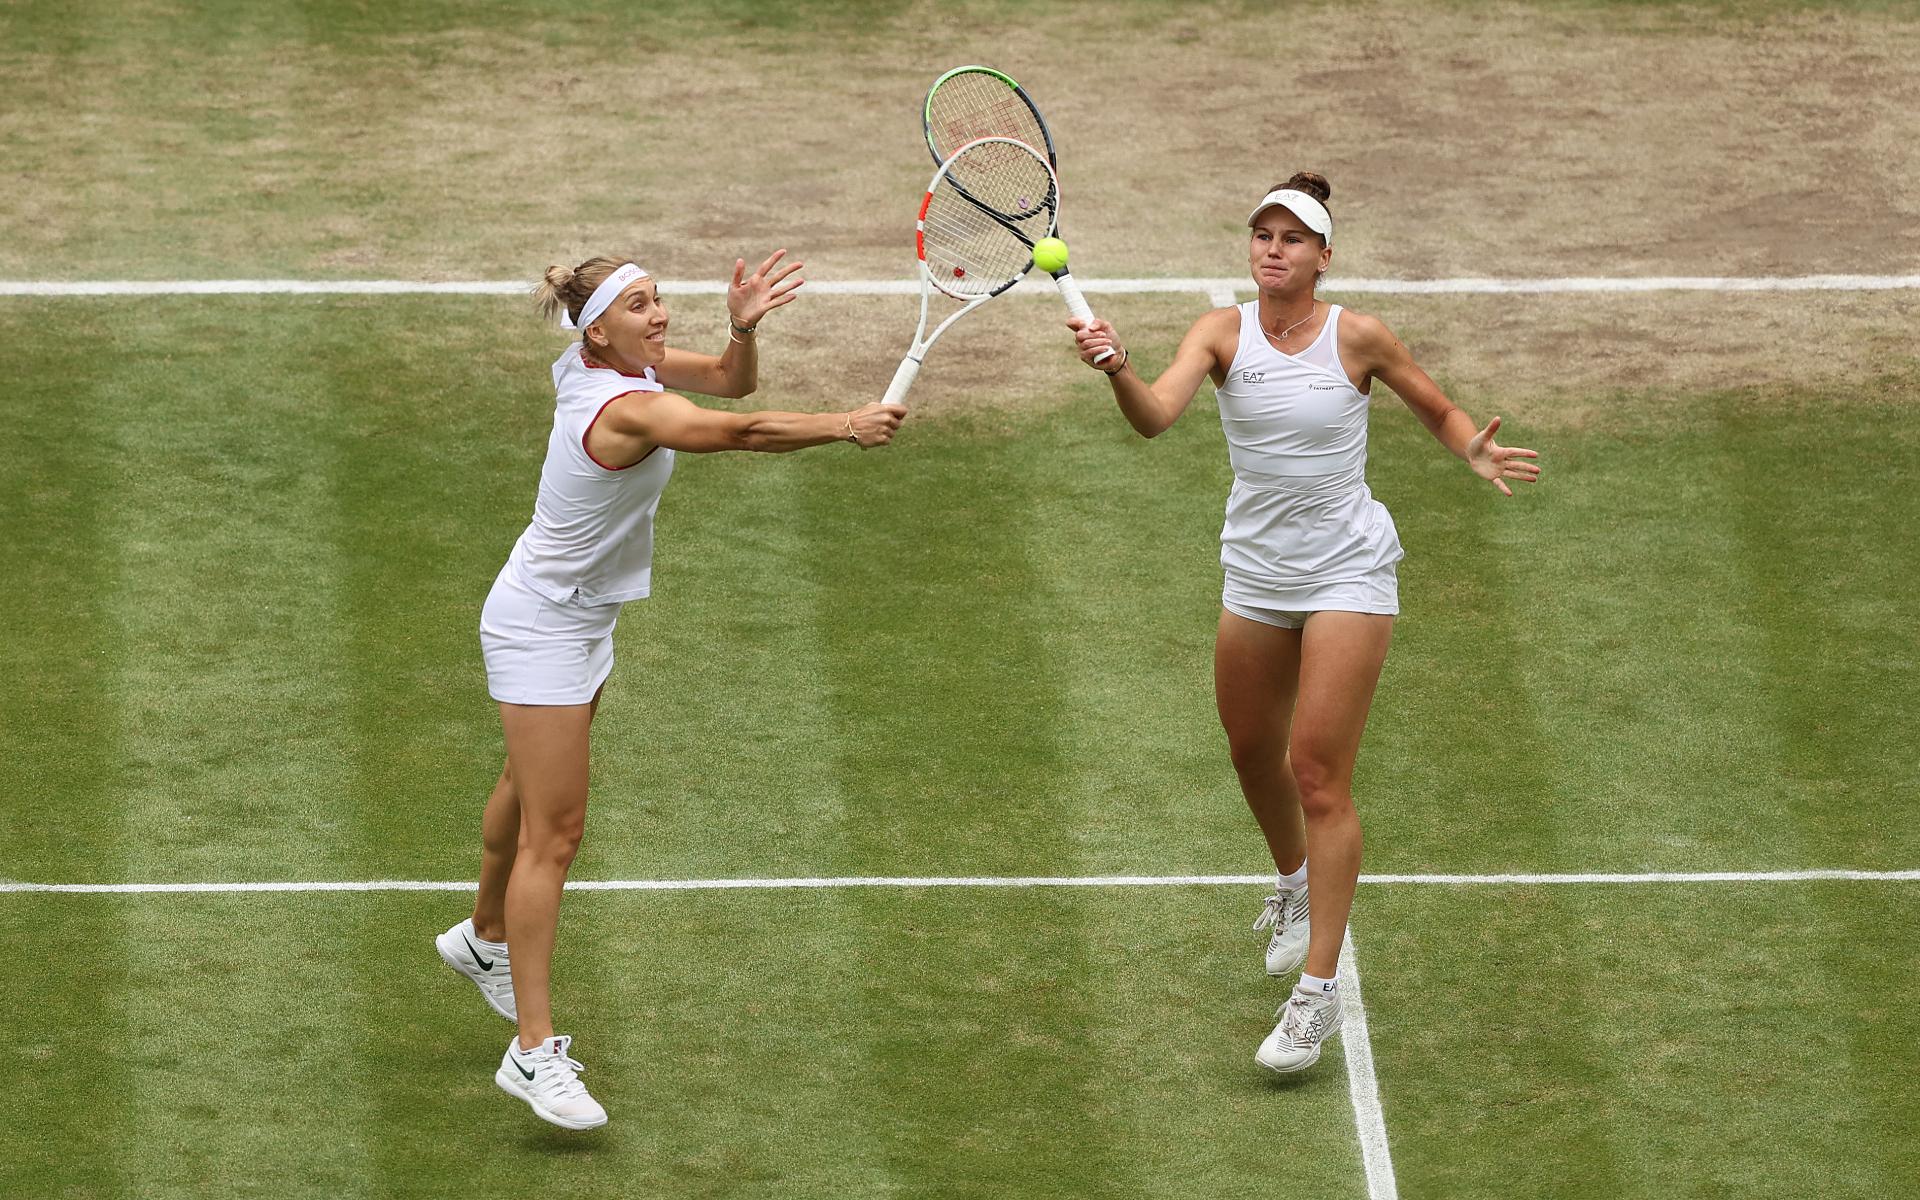 Фото:Елена Веснина и Вероника Кудерметова (Clive Brunskill/Getty Images)